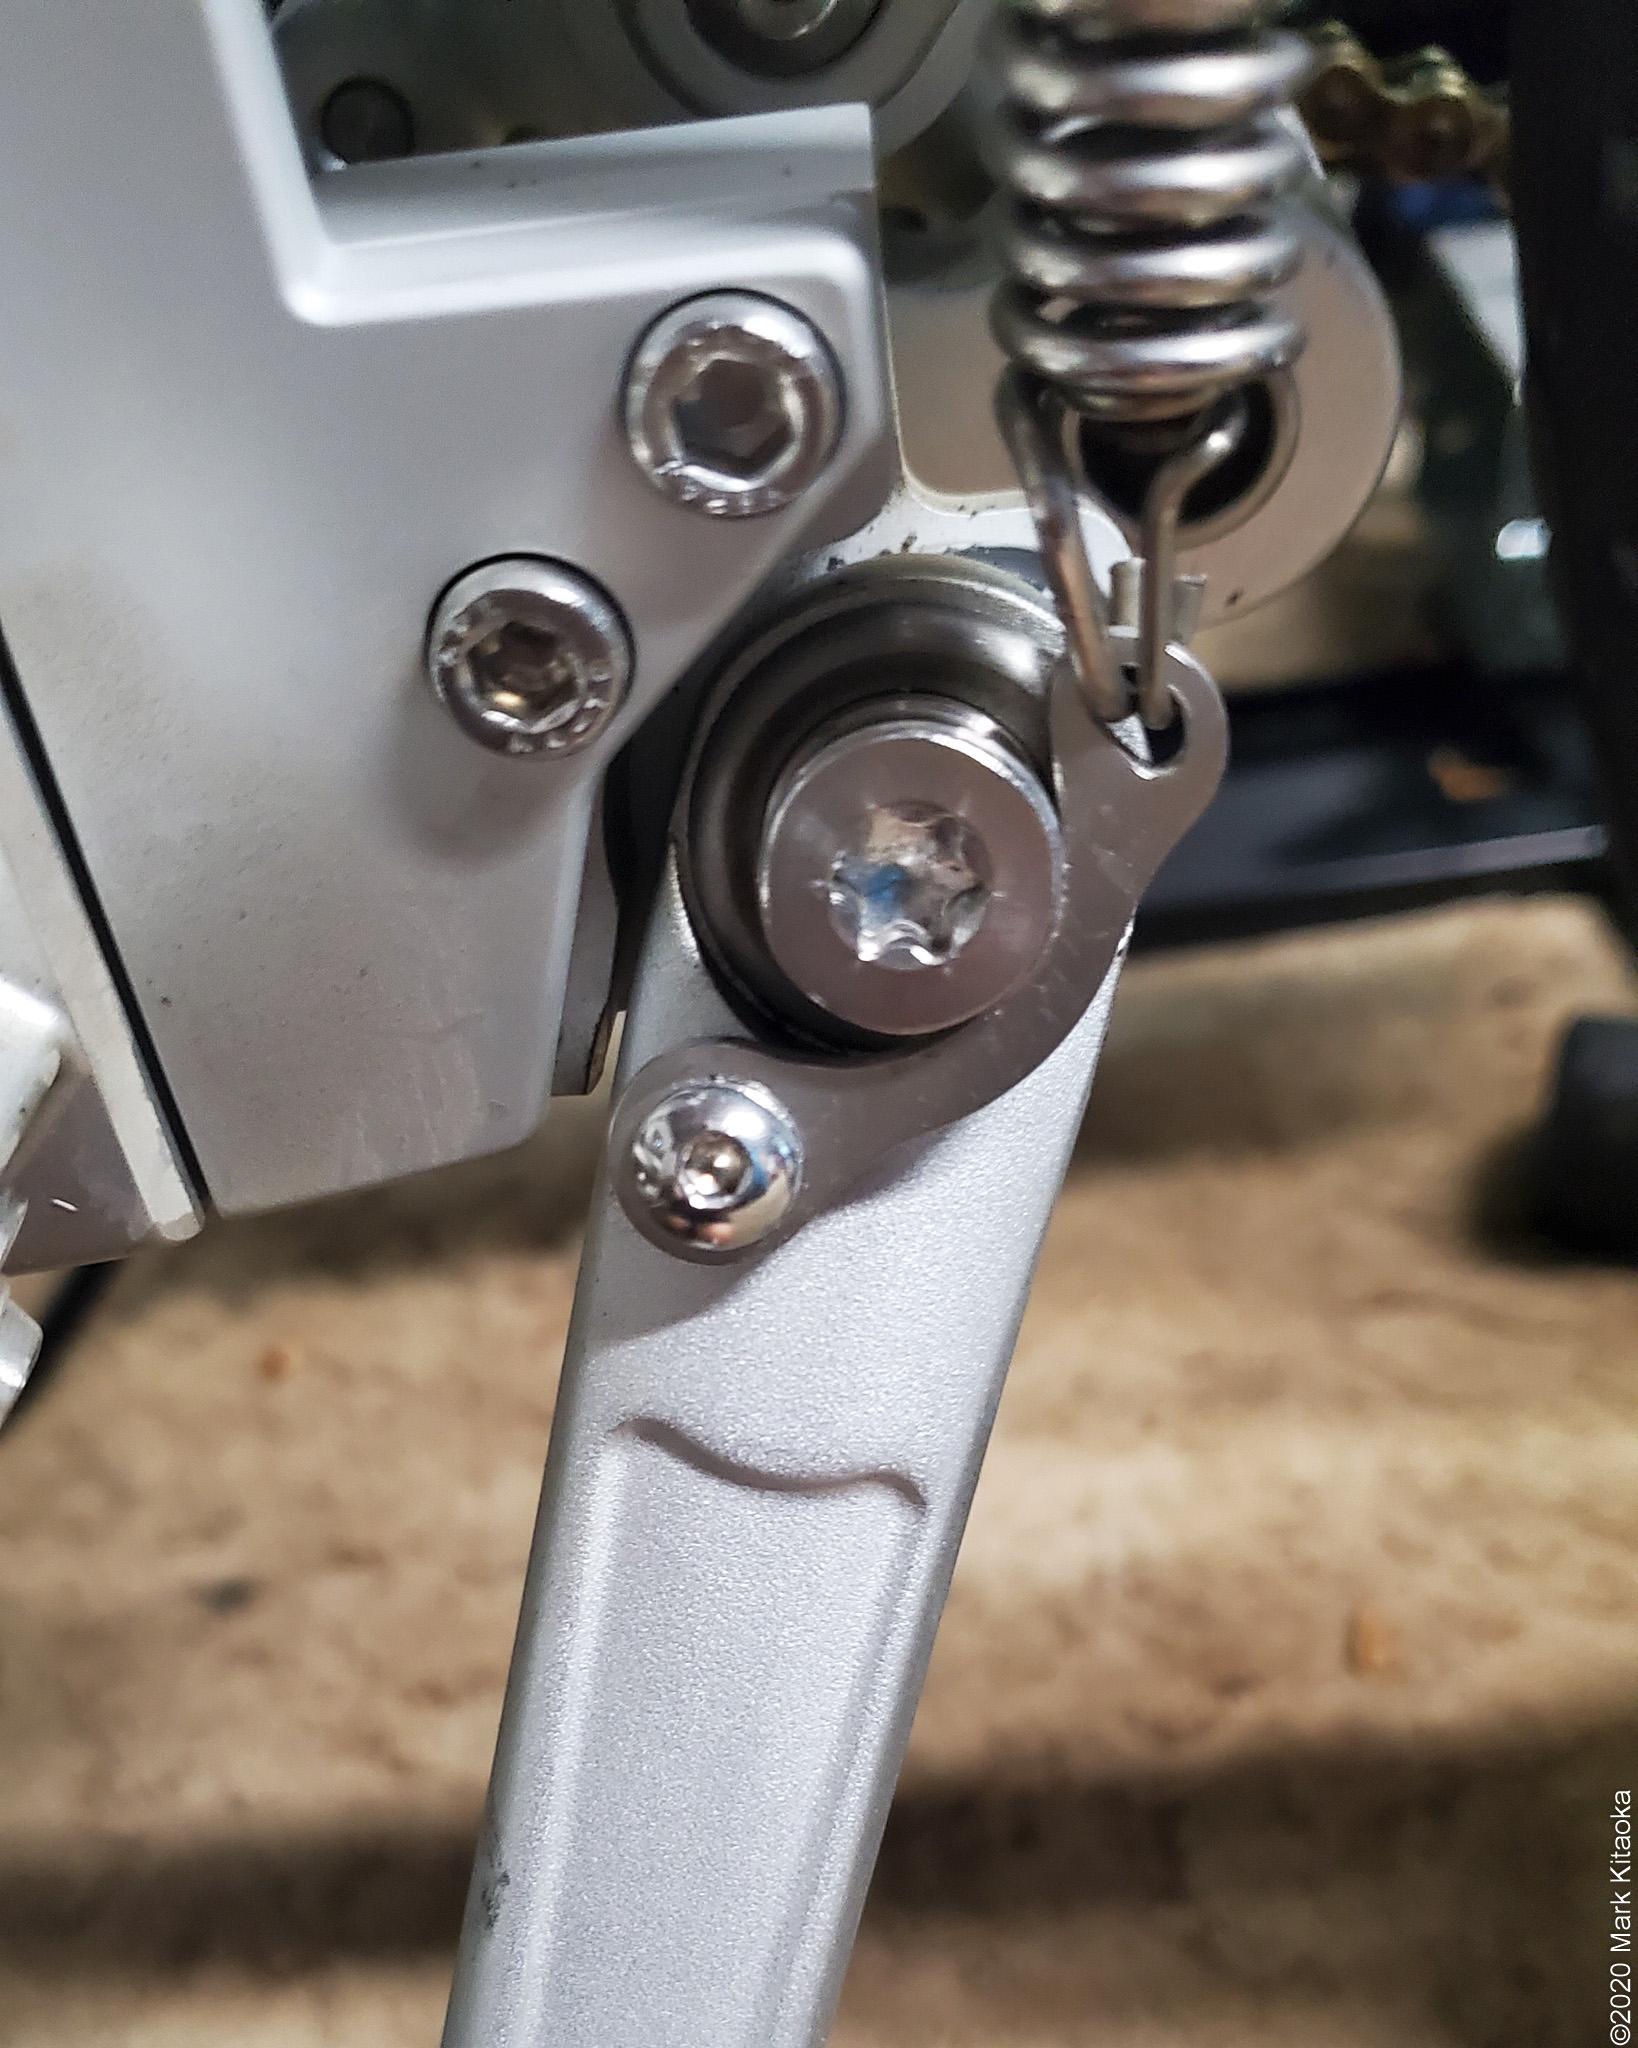 Kalk bike kickstand bracket